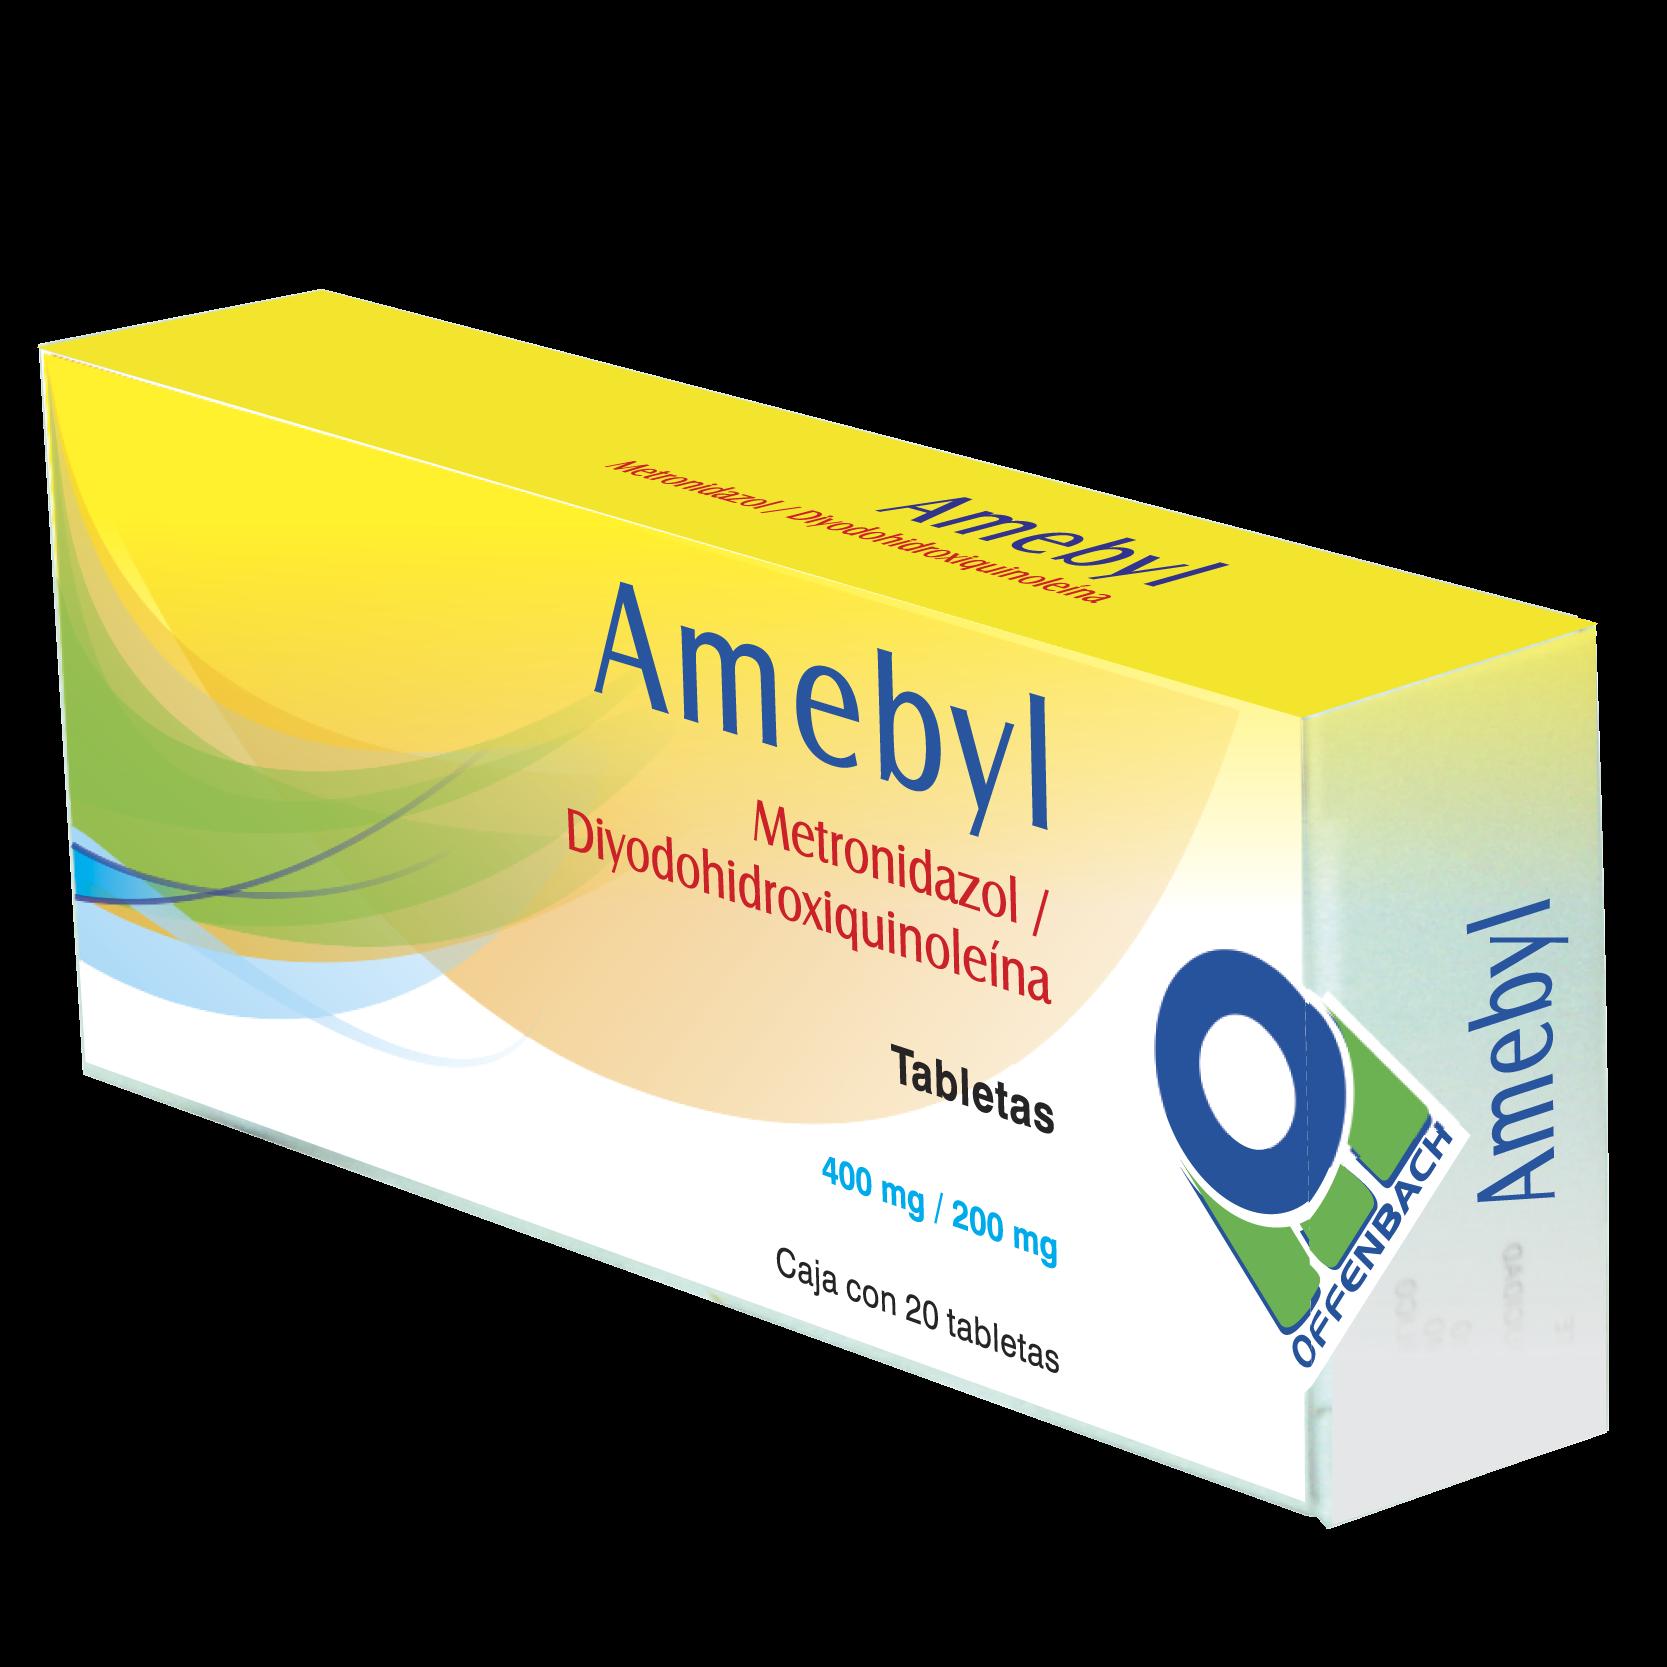 Amebyl tabletas